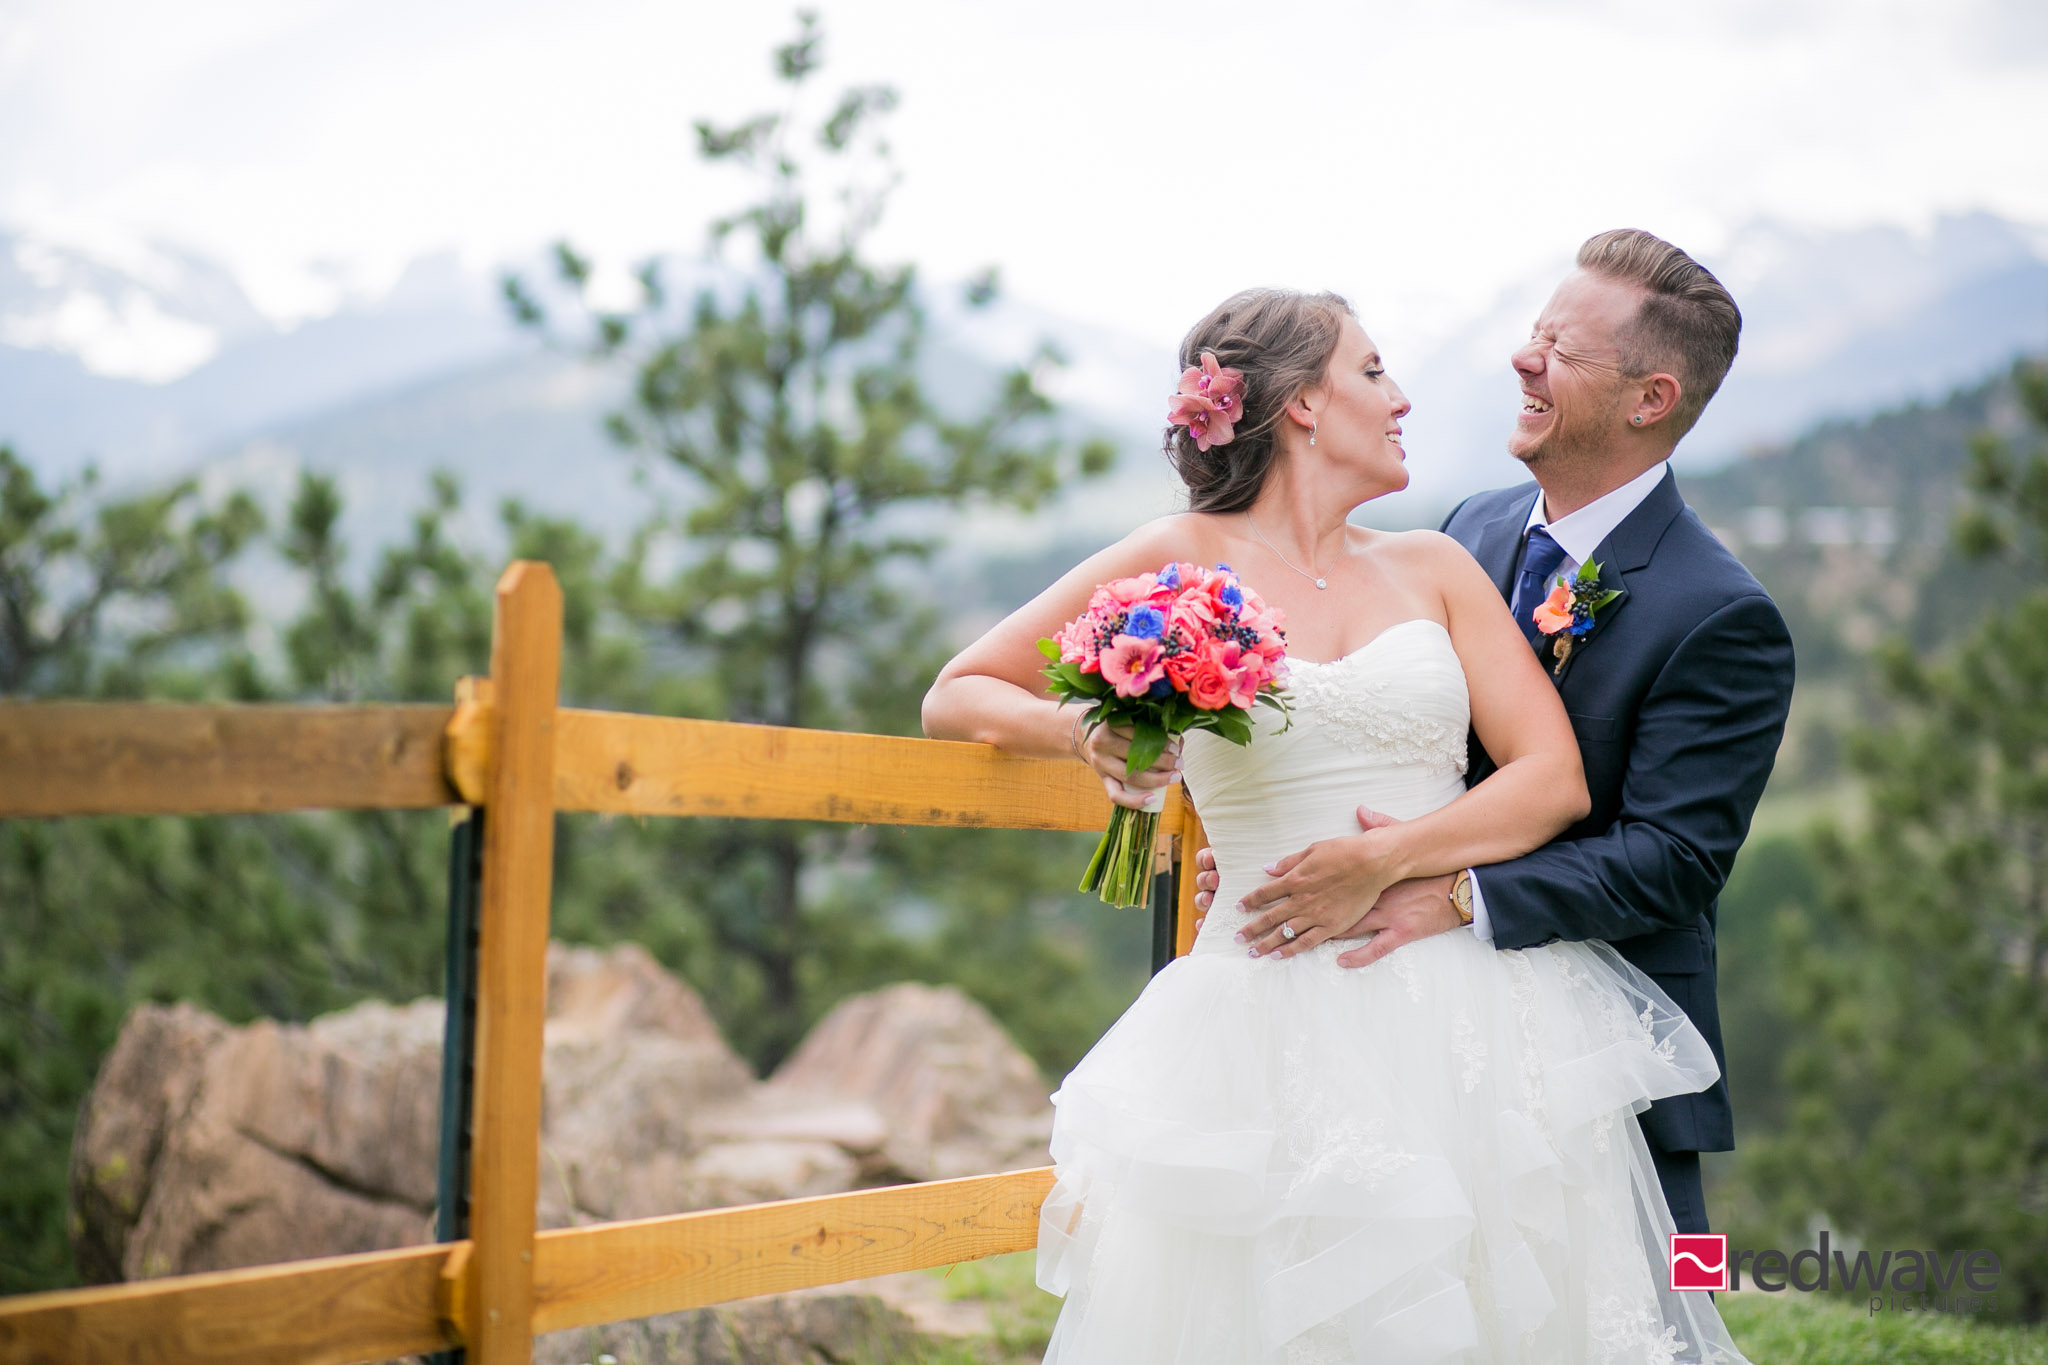 Erin and Braden-54.jpg